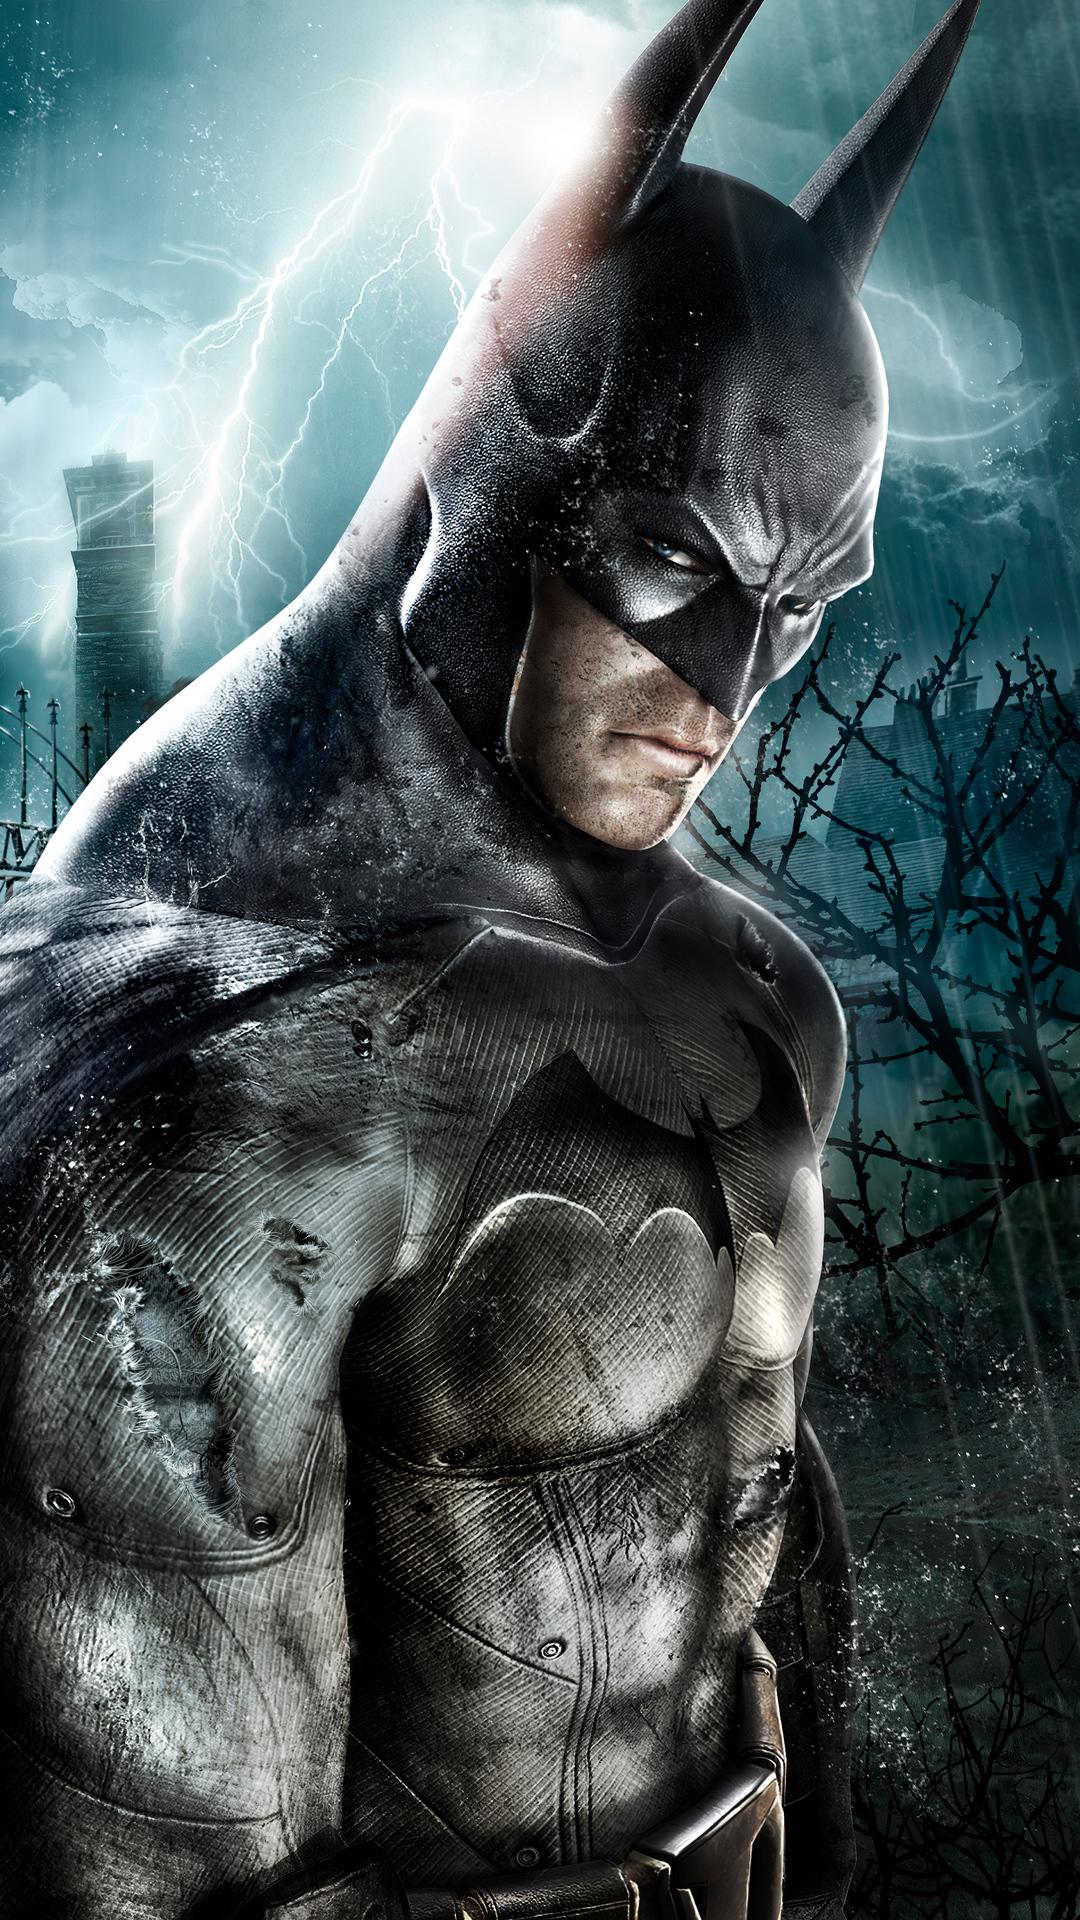 batman-arkham-asylum-p4.jpg